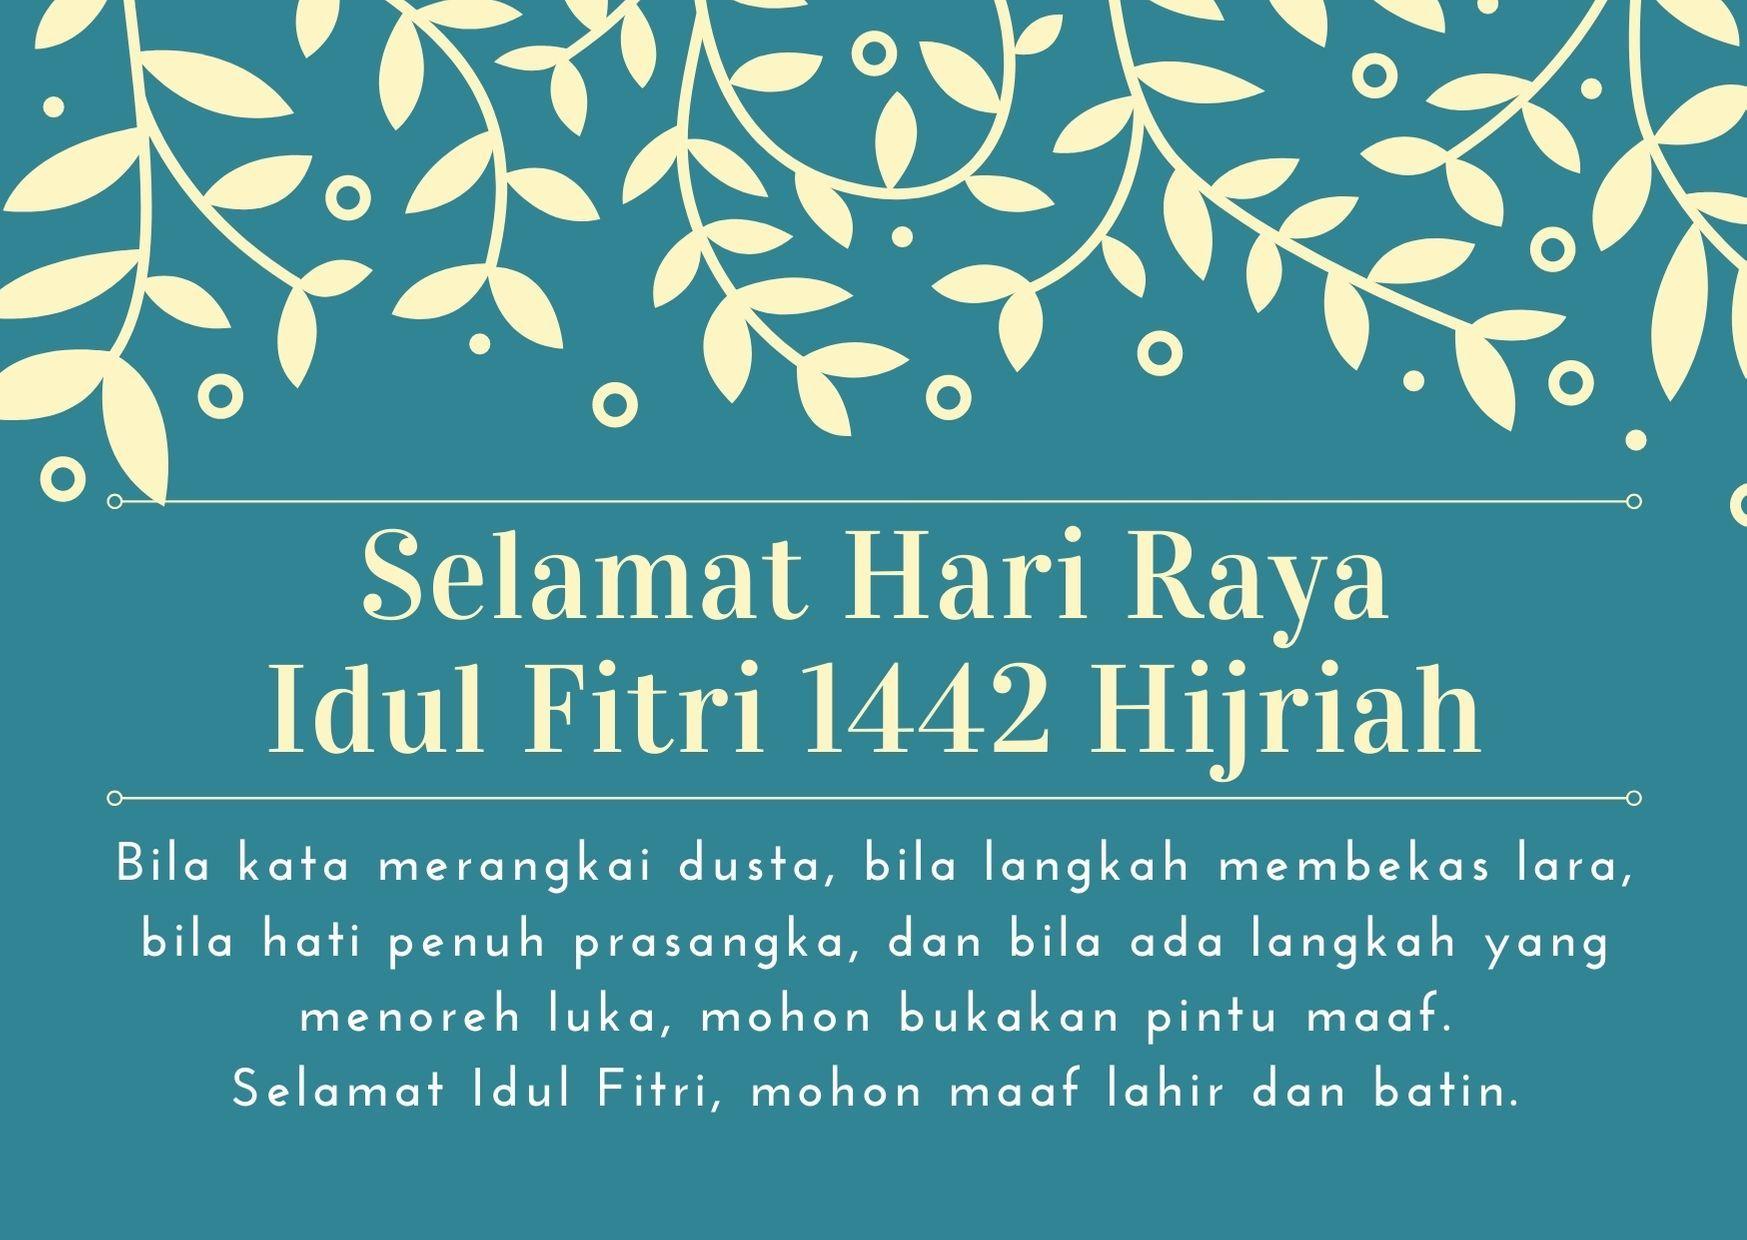 15 Ucapan Selamat Idul Fitri 2021 Lengkap dengan Gambar